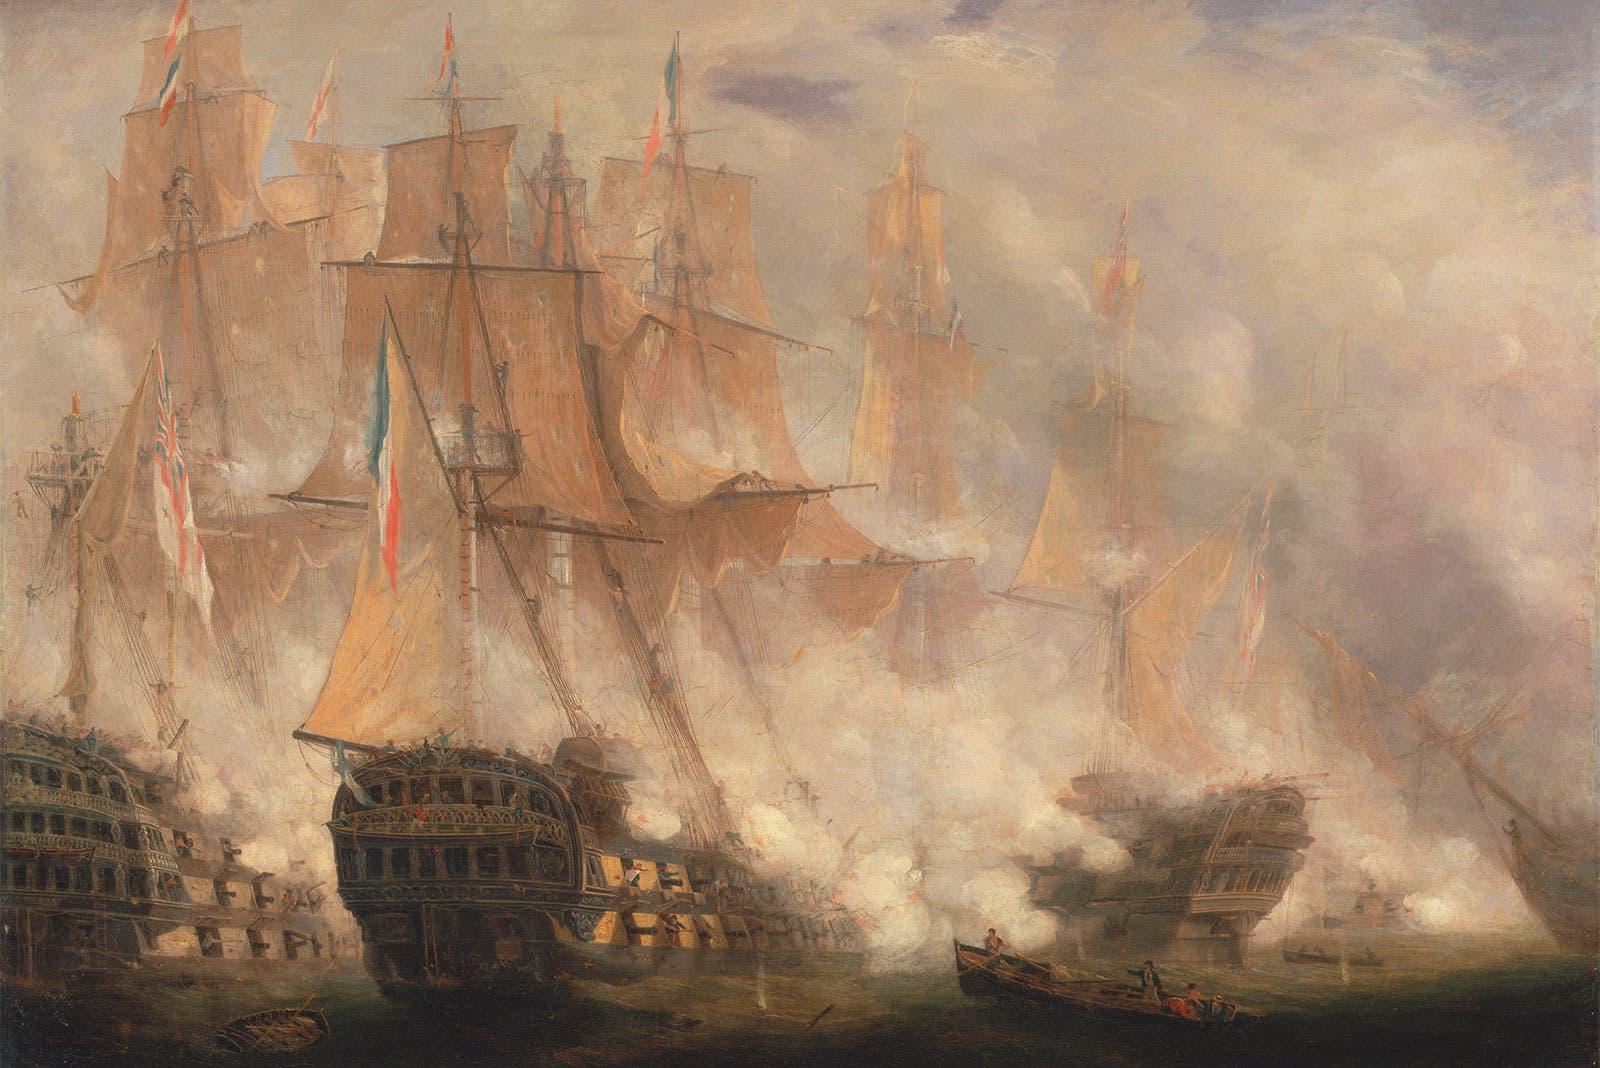 لوحة تجسد جانبا من معركة طرف الغار